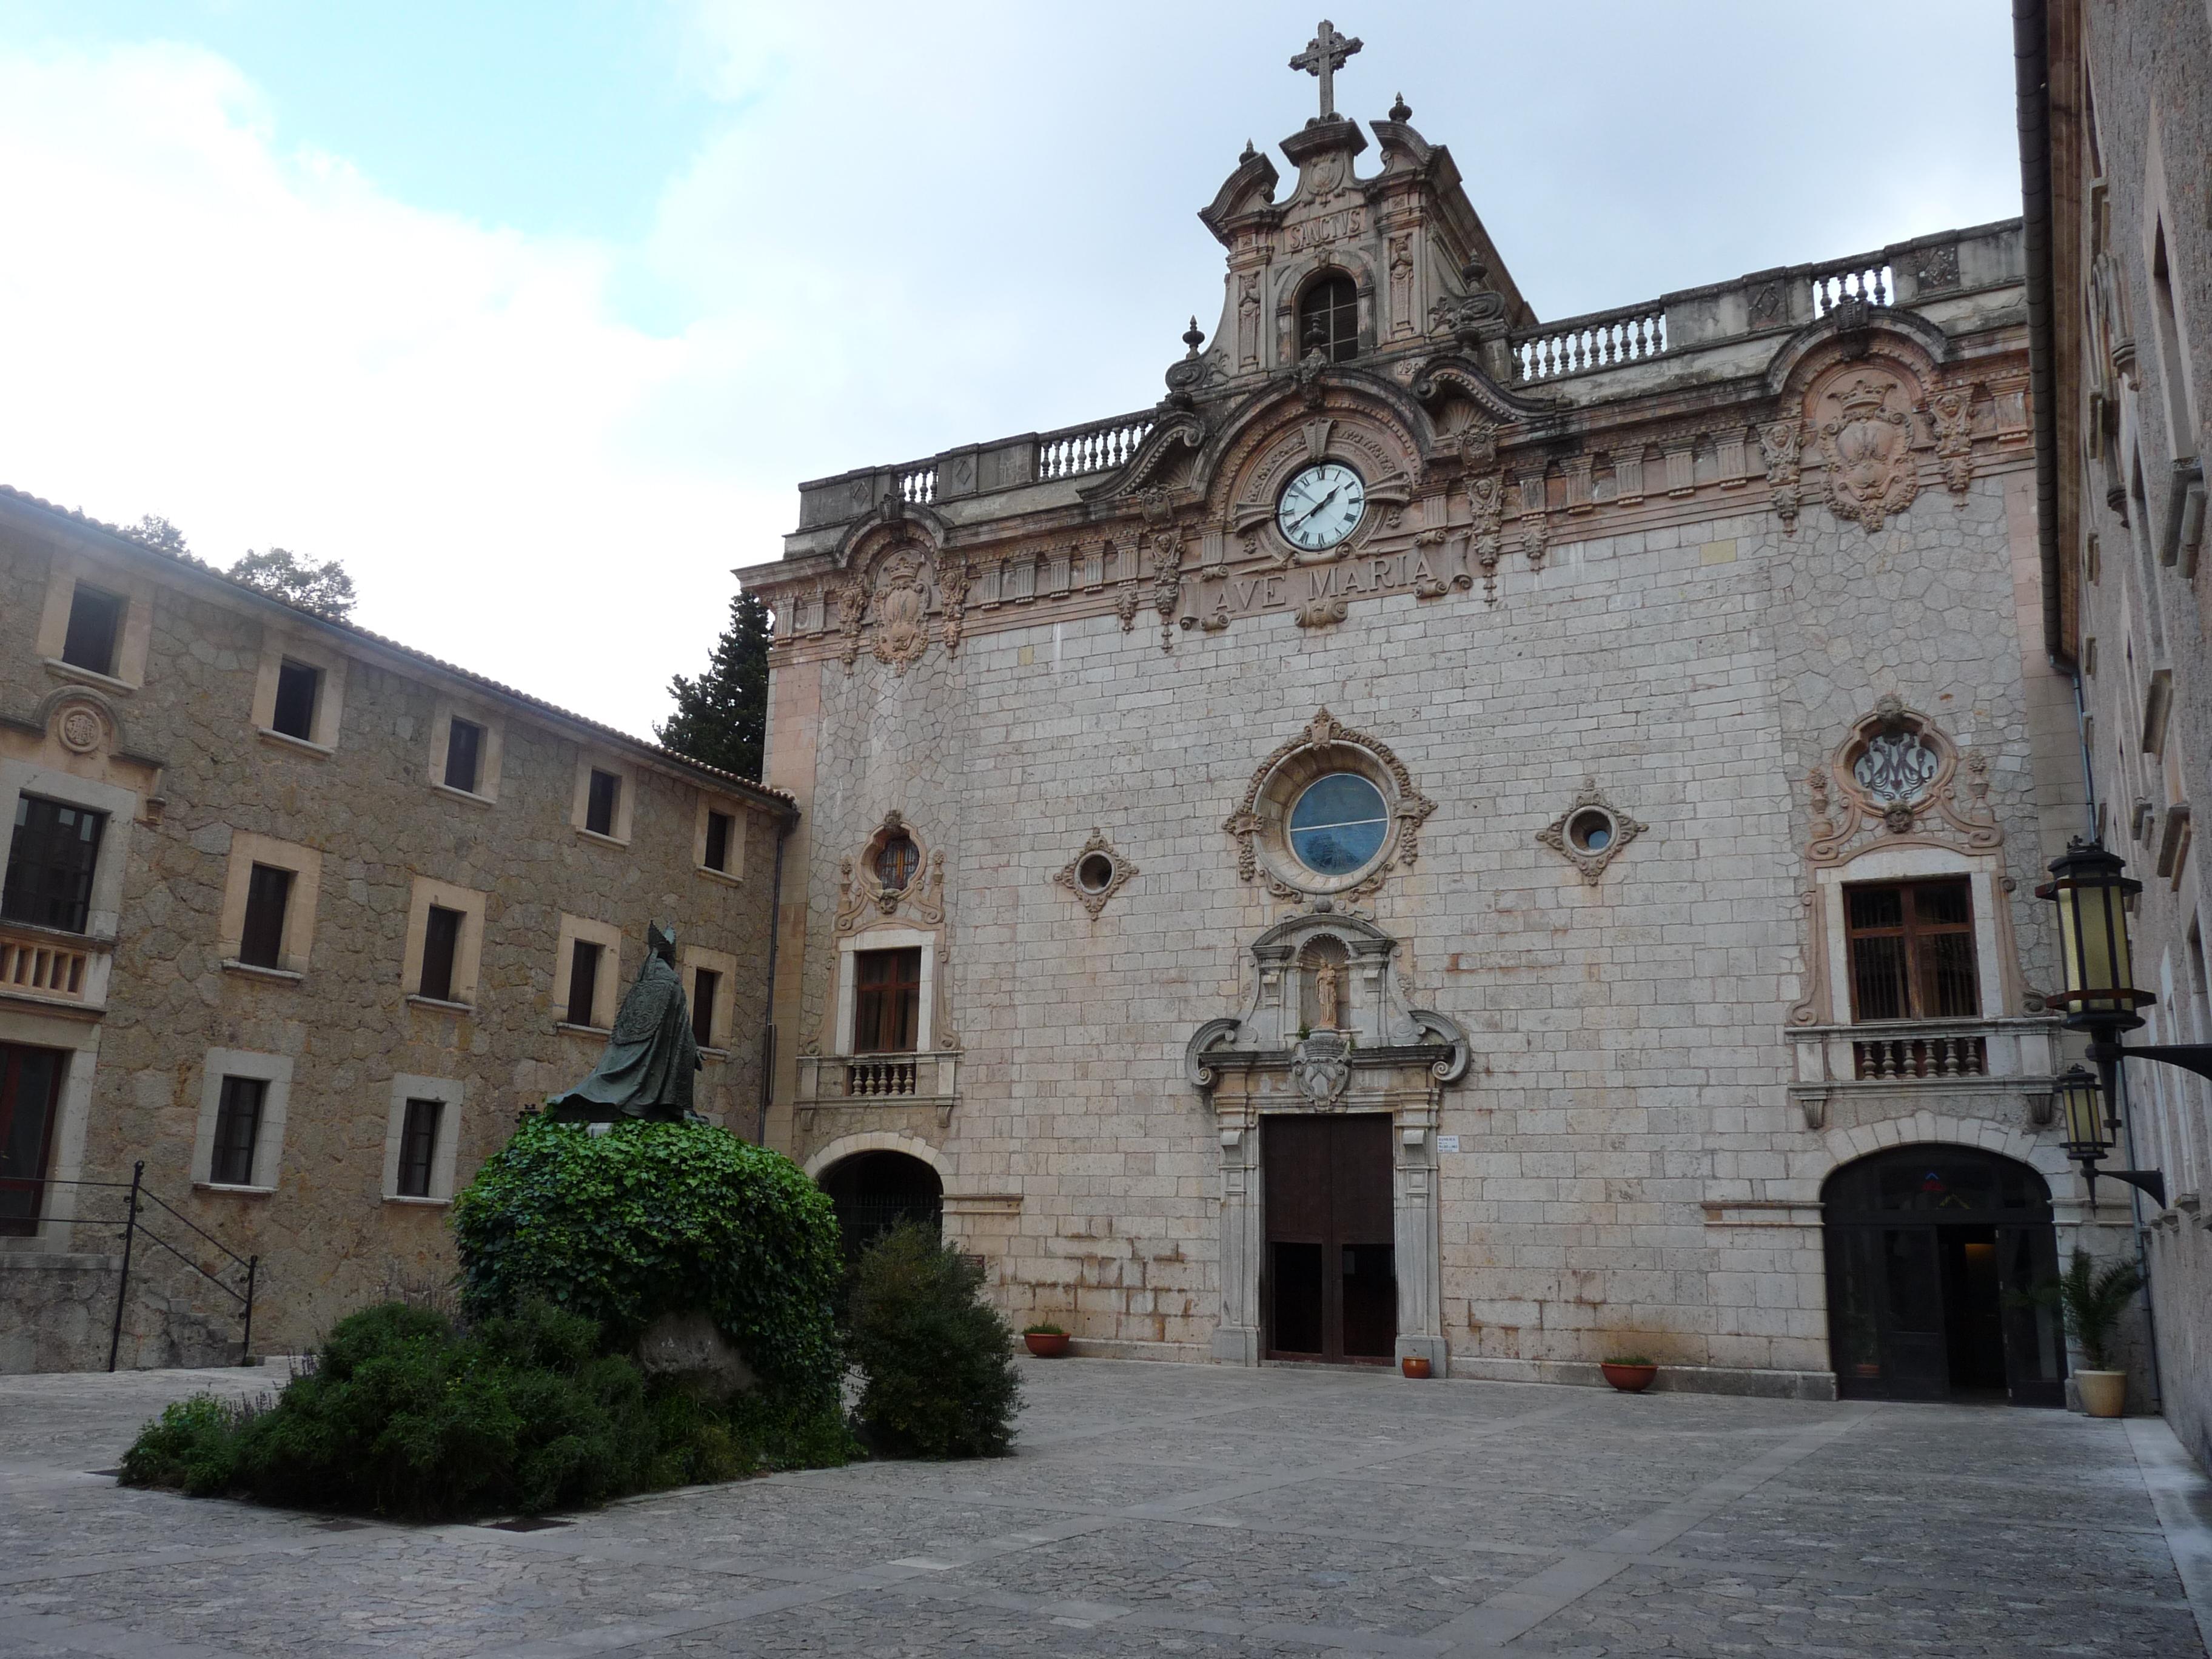 File:Santuari de Lluc.jpg - Wikimedia Commons